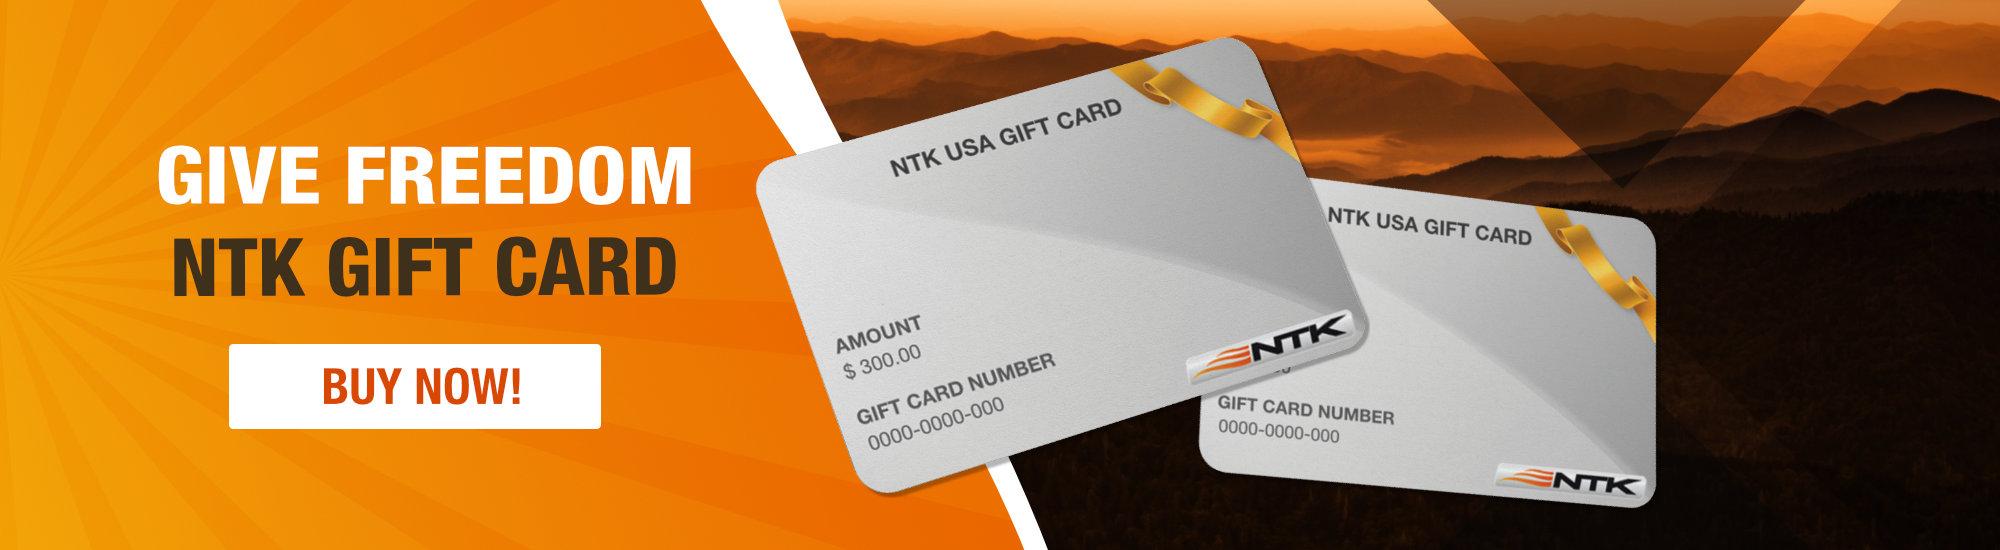 NTK USA Gift Card